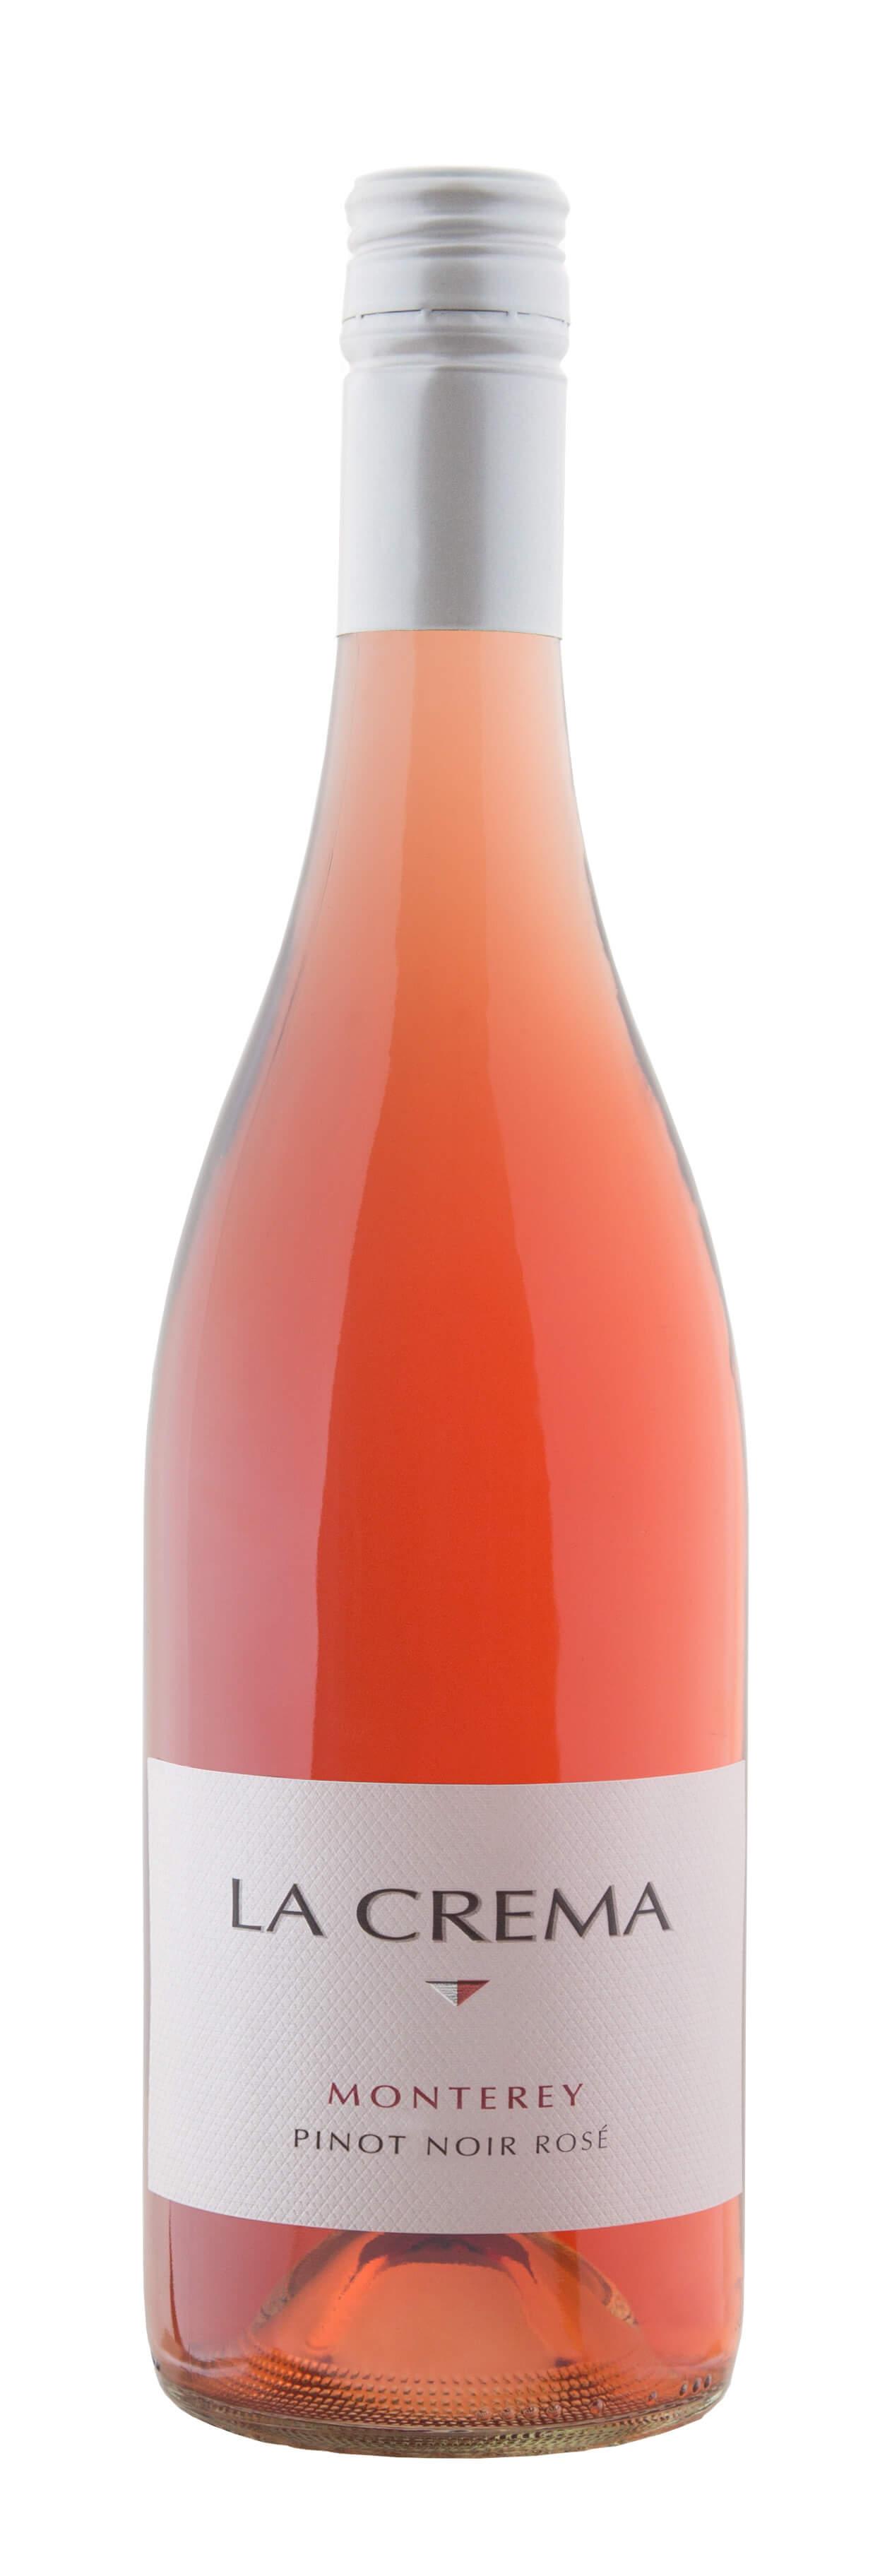 2018 Monterey Pinot Noir Rosé